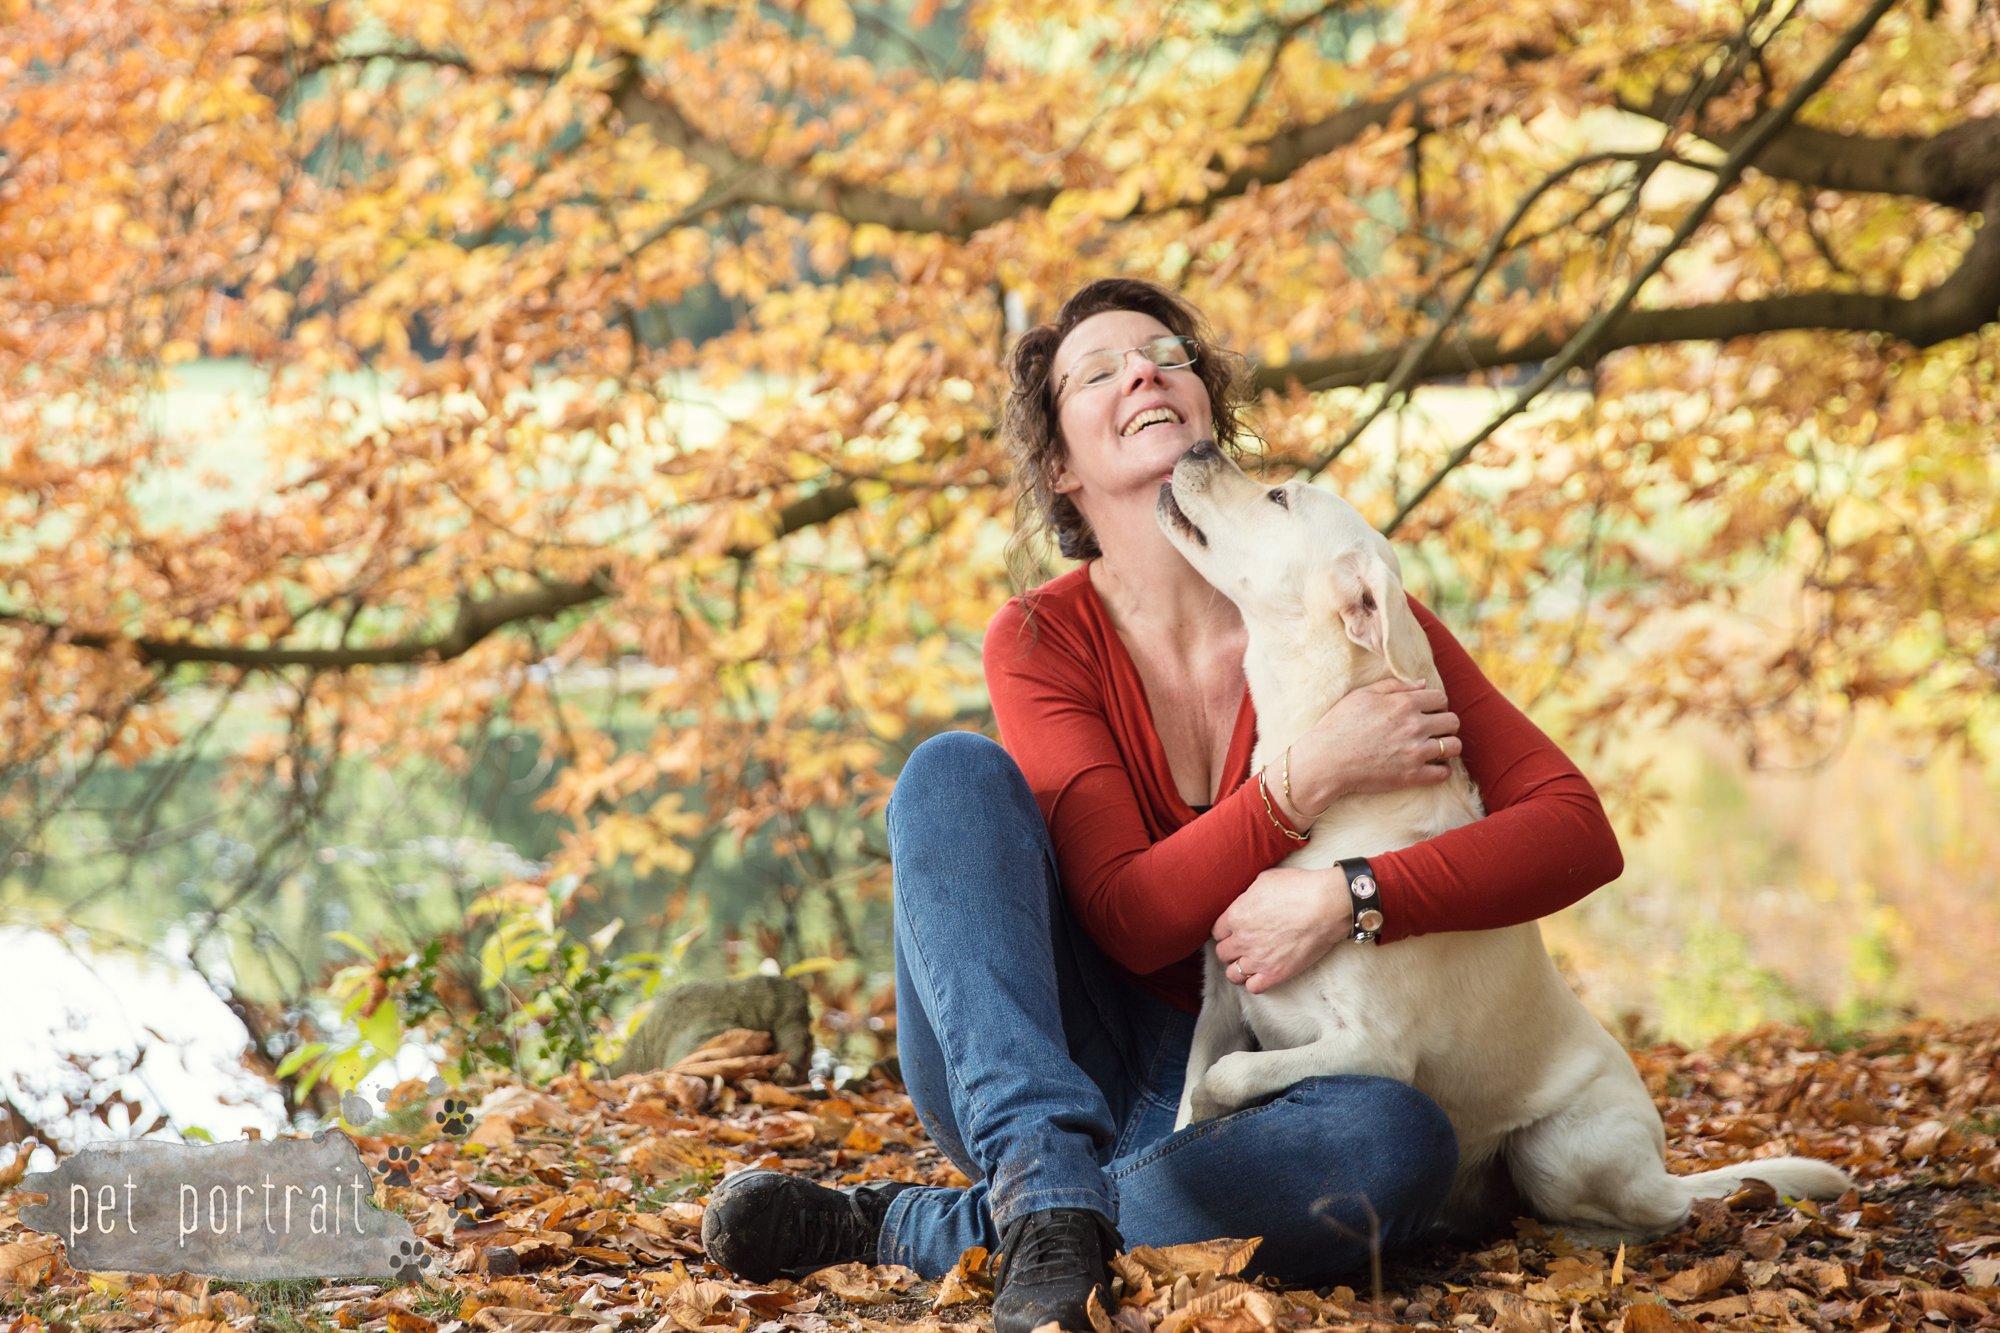 hondenfotograaf-s-graveland-beloved-dier-en-baasje-fotoshoot-labrador-juul-10